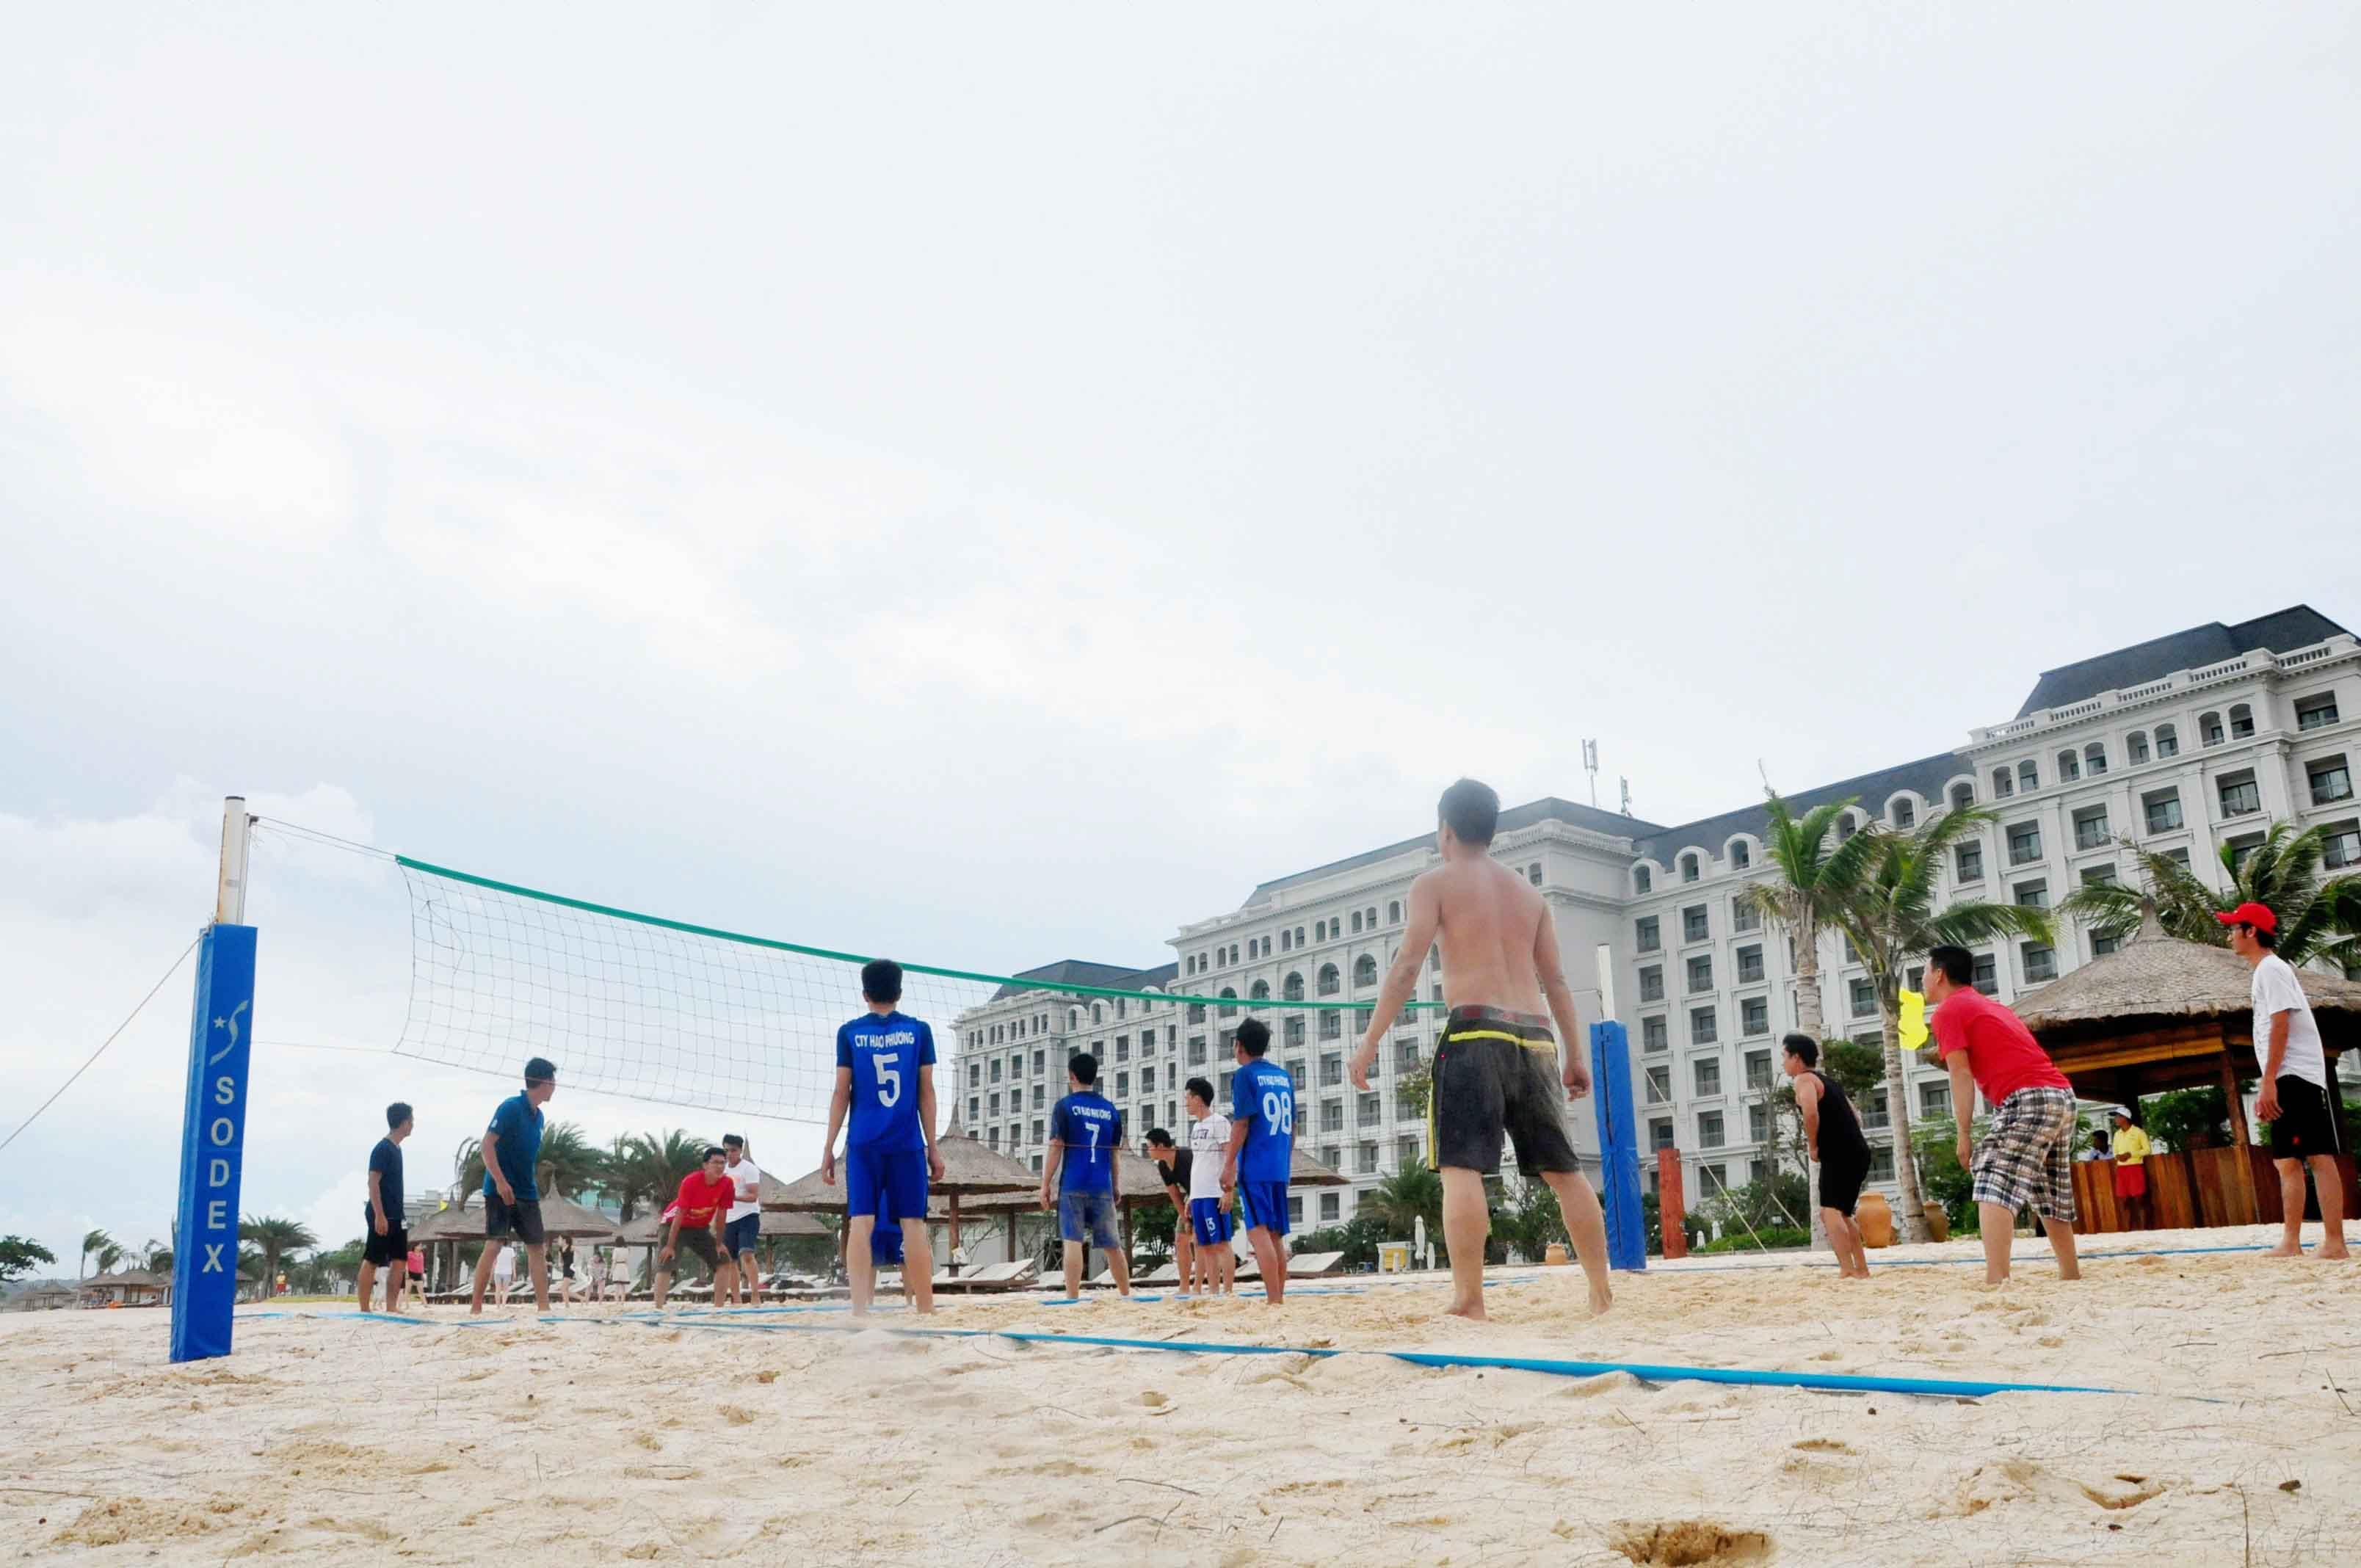 Hạo Phương du lịch nghỉ dưỡng tại Vinpearl Phú Quốc, ảnh 3